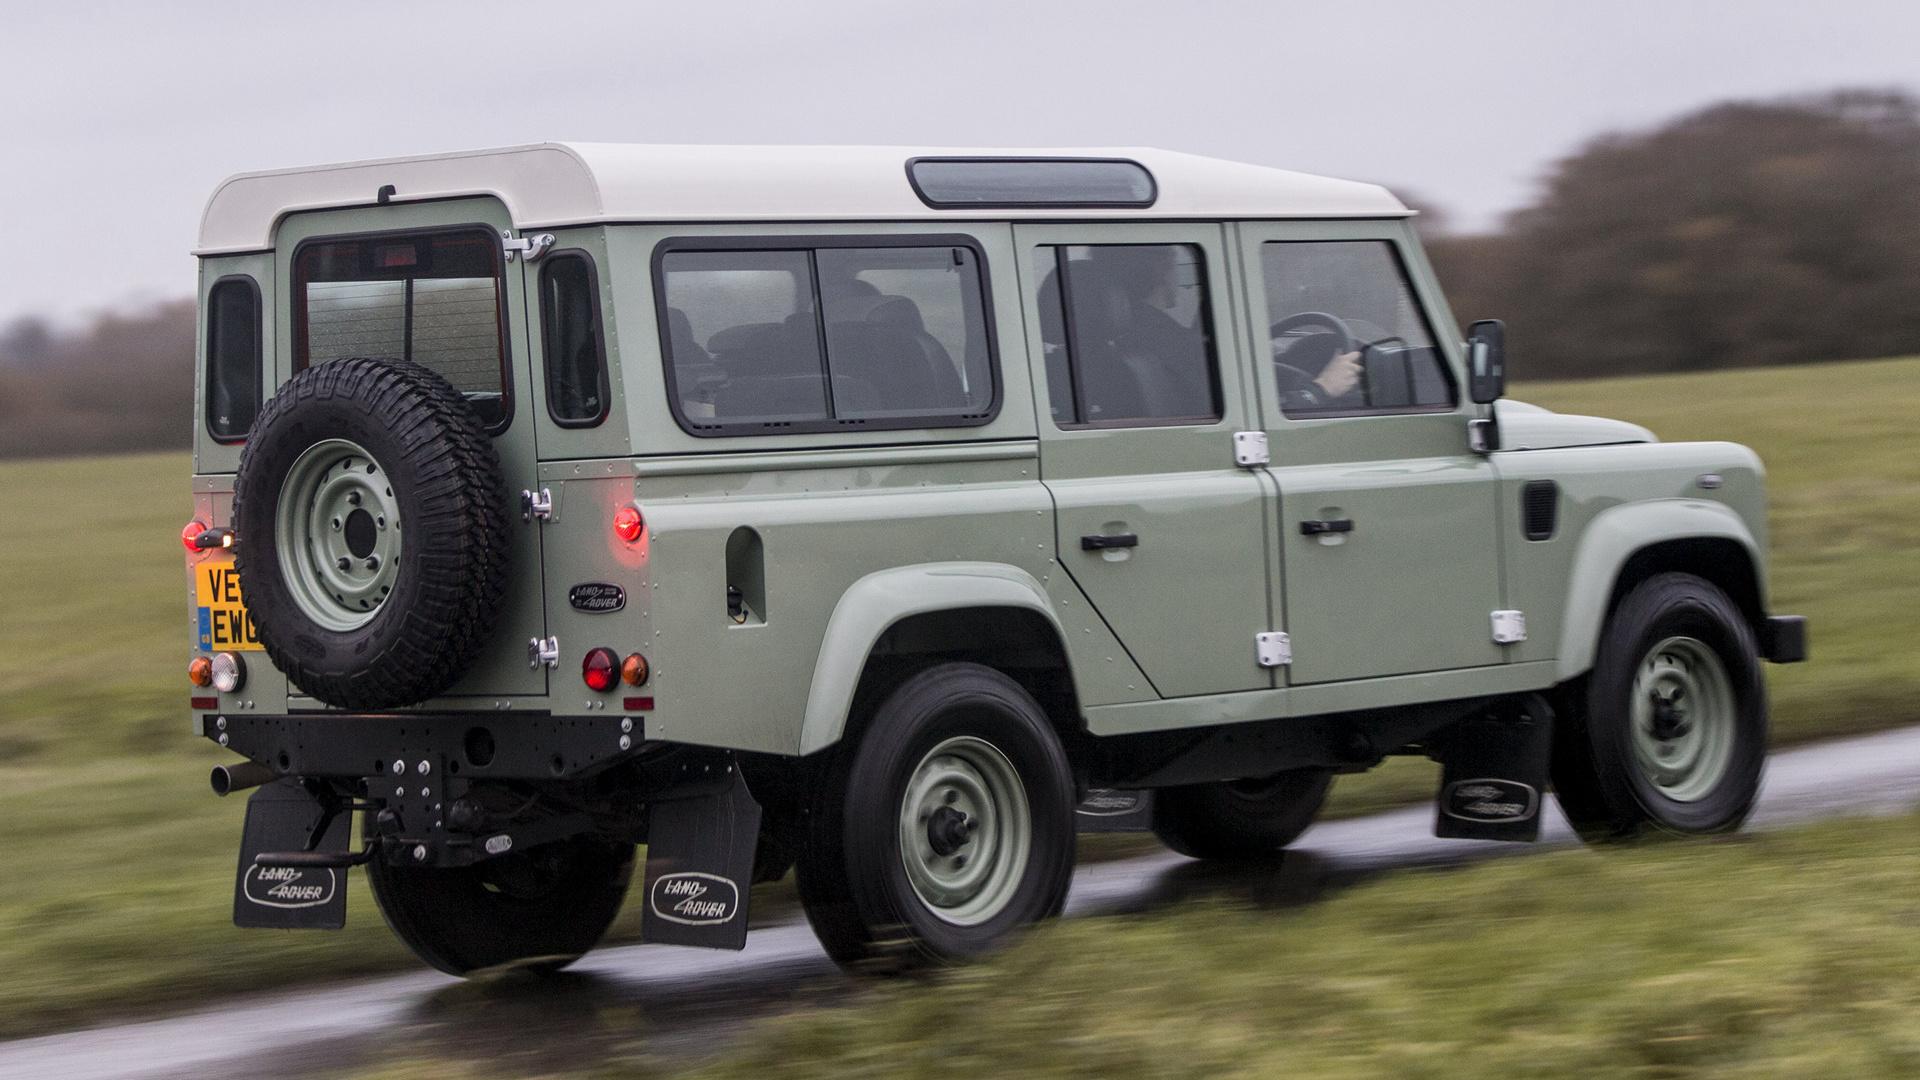 Heritage Volkswagen Subaru >> 2015 Land Rover Defender 110 Heritage (UK) - Wallpapers